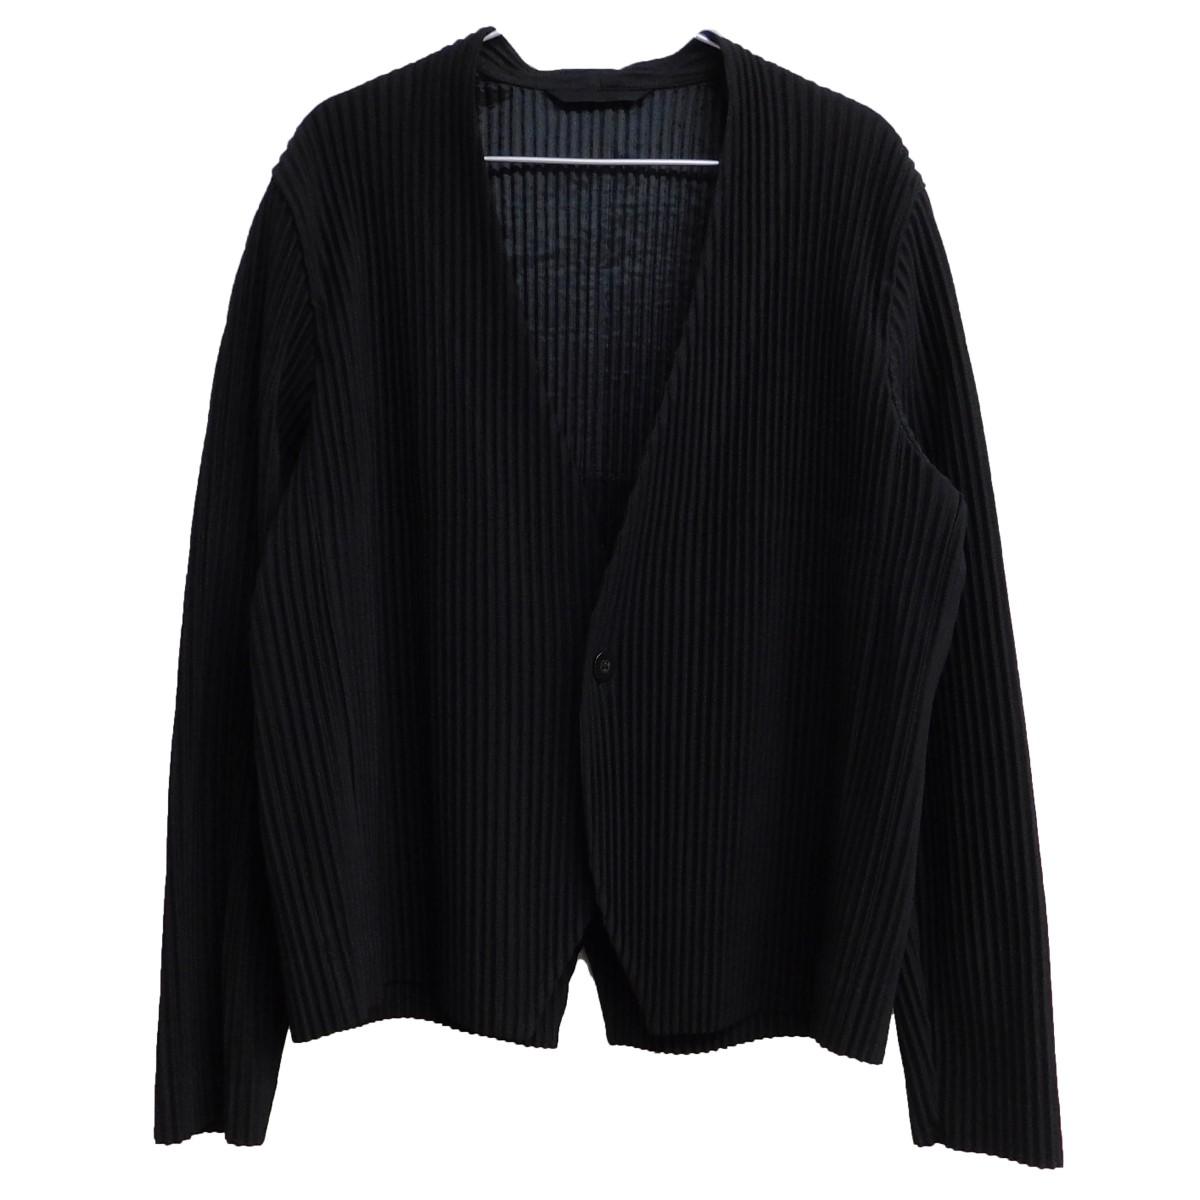 【中古】HOMME PLISSE ISSEY MIYAKE 2018SS ノーカラー1Bプリーツジャケット ブラック サイズ:3 【160820】(オム プリッセ イッセイミヤケ)